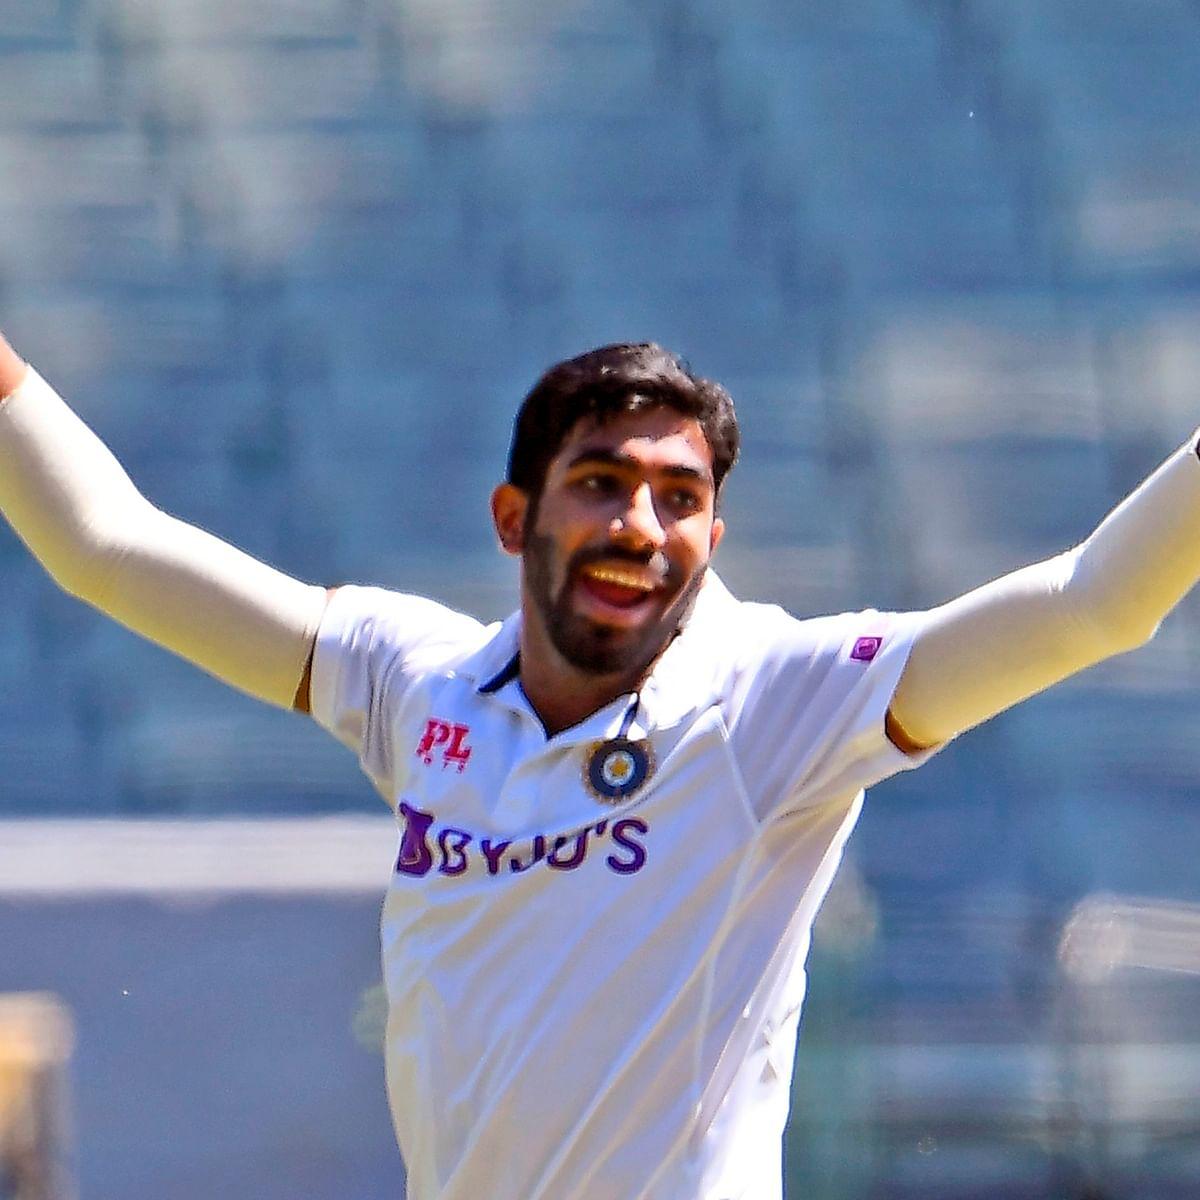 'Smartest fast bowler': Shoaib Akhtar praises pacer Jasprit Bumrah